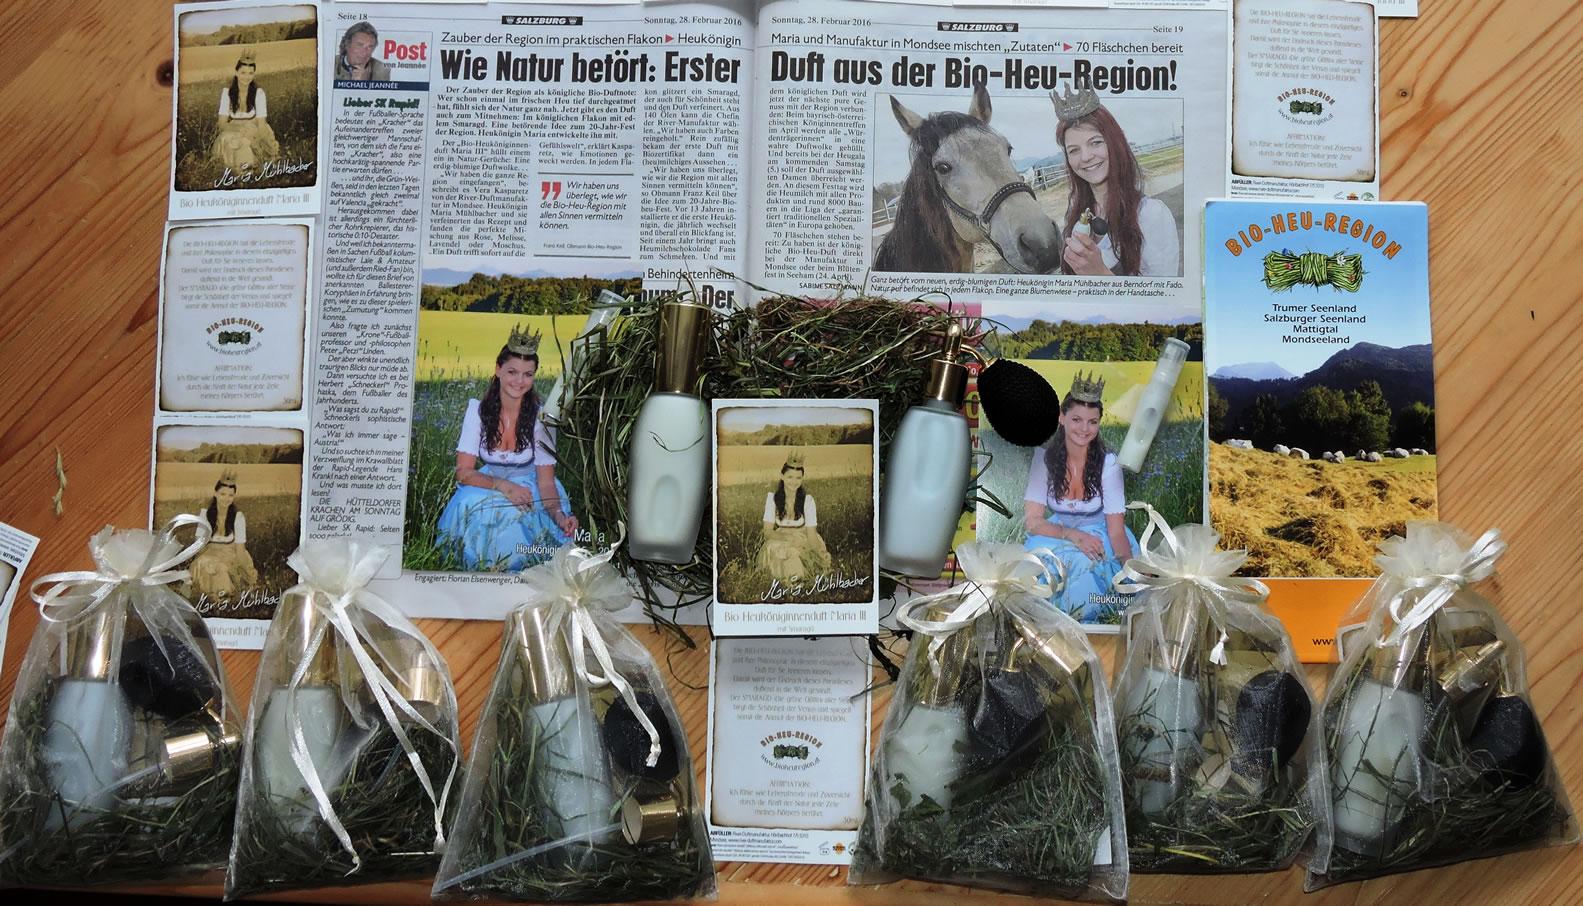 Bio-Heu-Region, Königinnenduft, Biodorf Seeham 2, Kronen Zeitung, Heukönigin Maria (3)